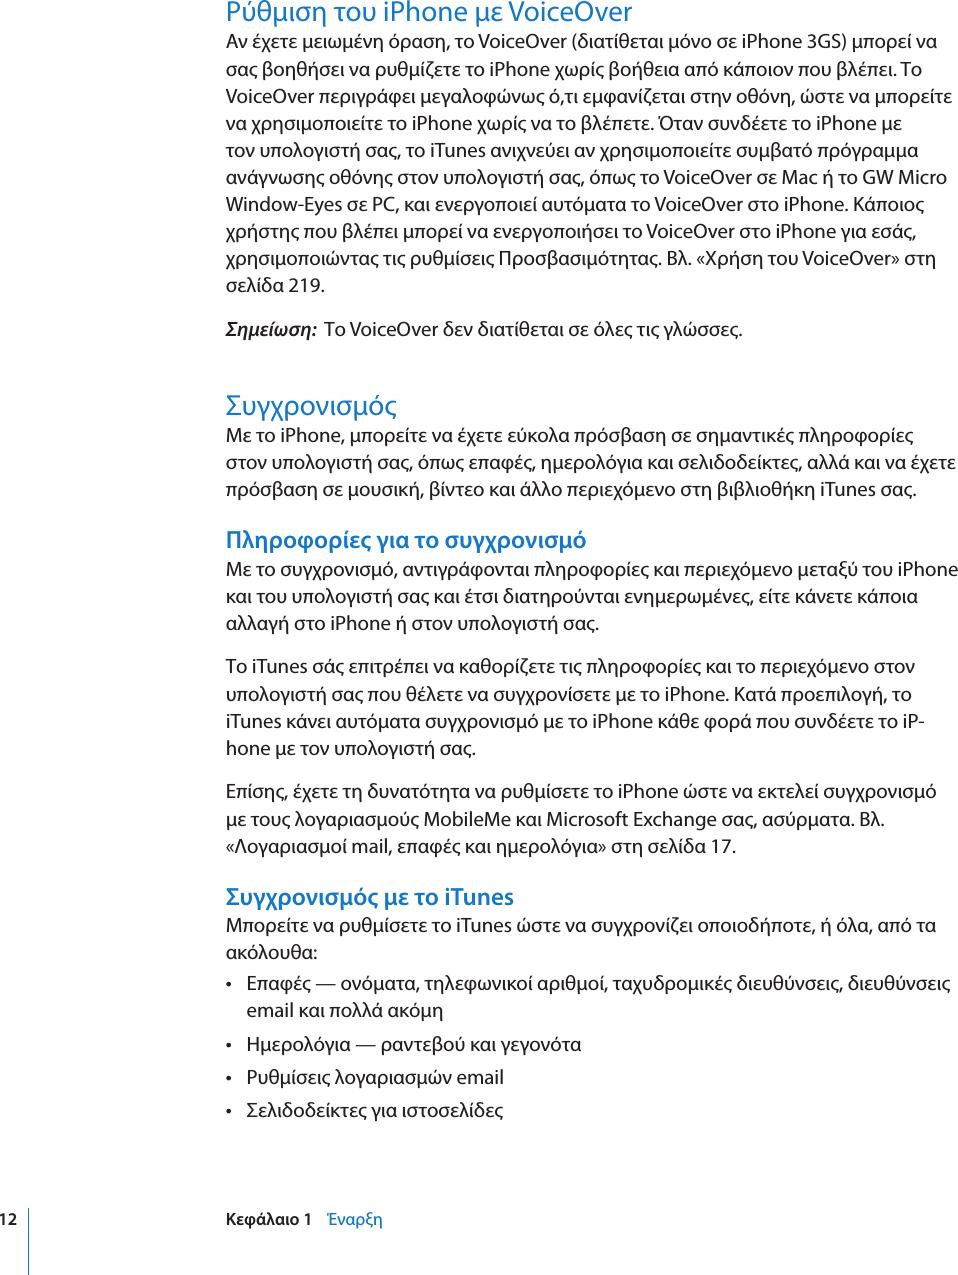 καλύτερο iOS dating εφαρμογές 2014